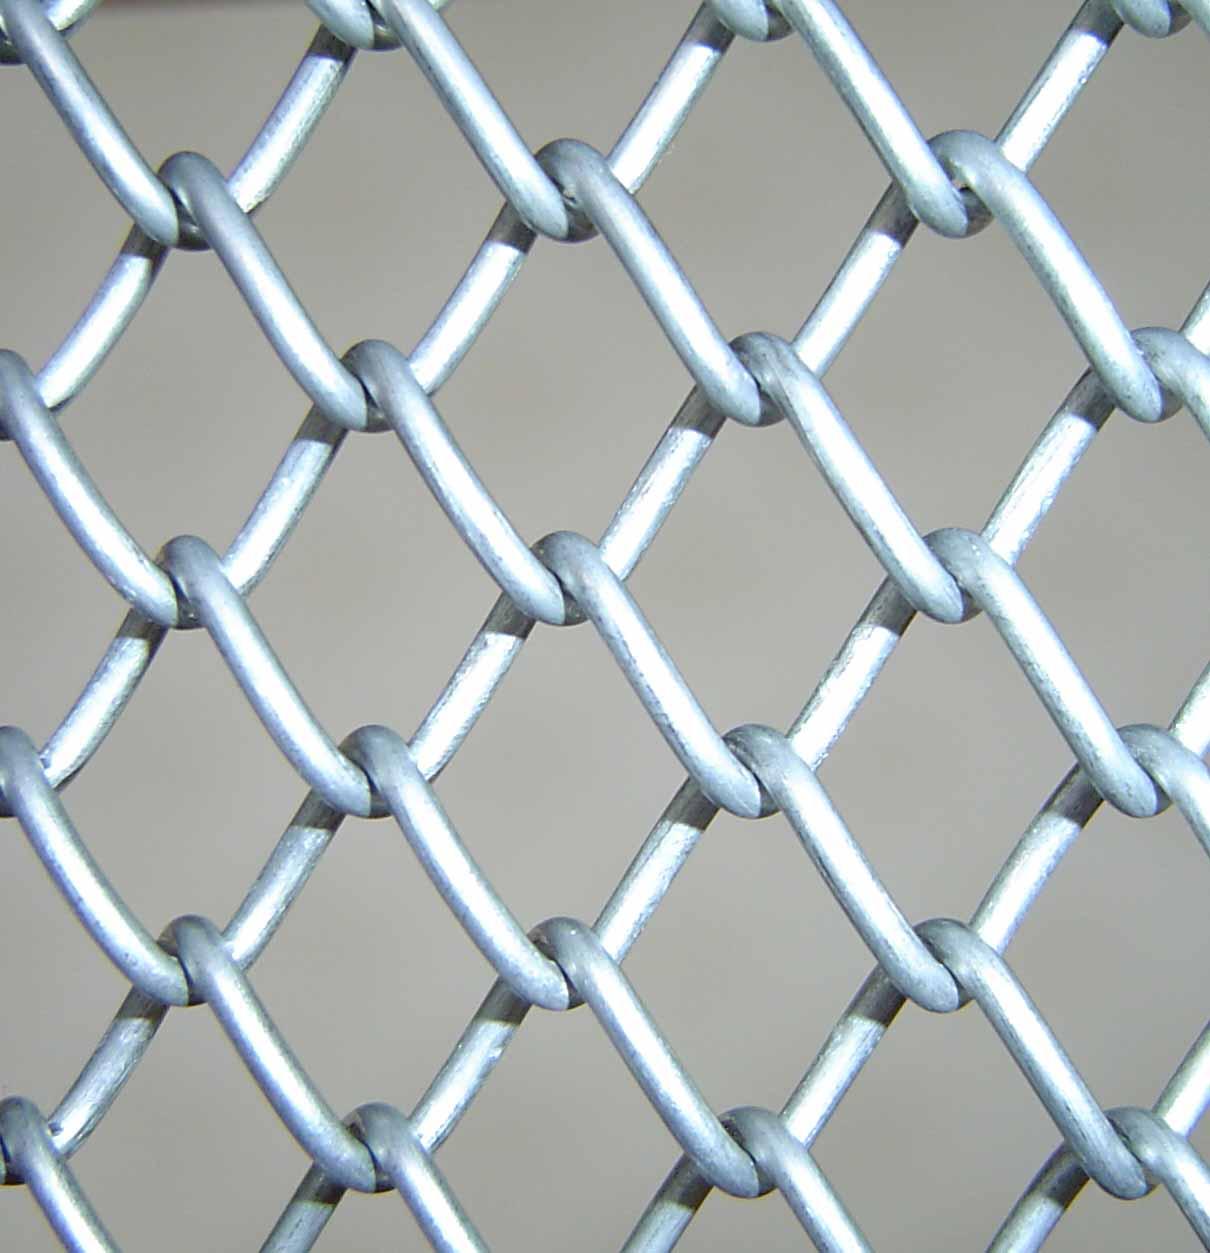 Menards aluminum fence